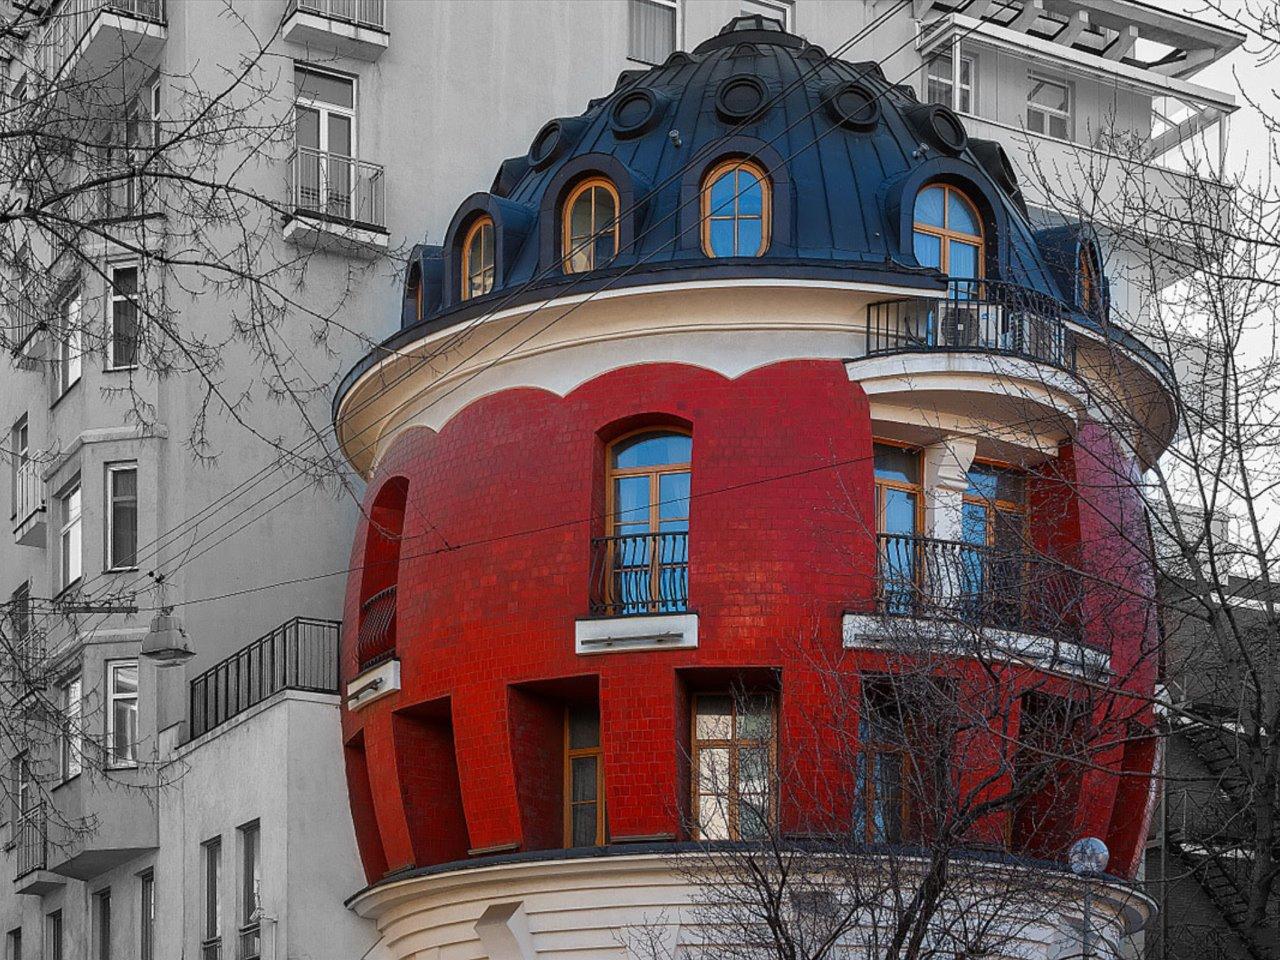 Необычные дома Москвы - индивидуальная экскурсия в Москве от опытного гида